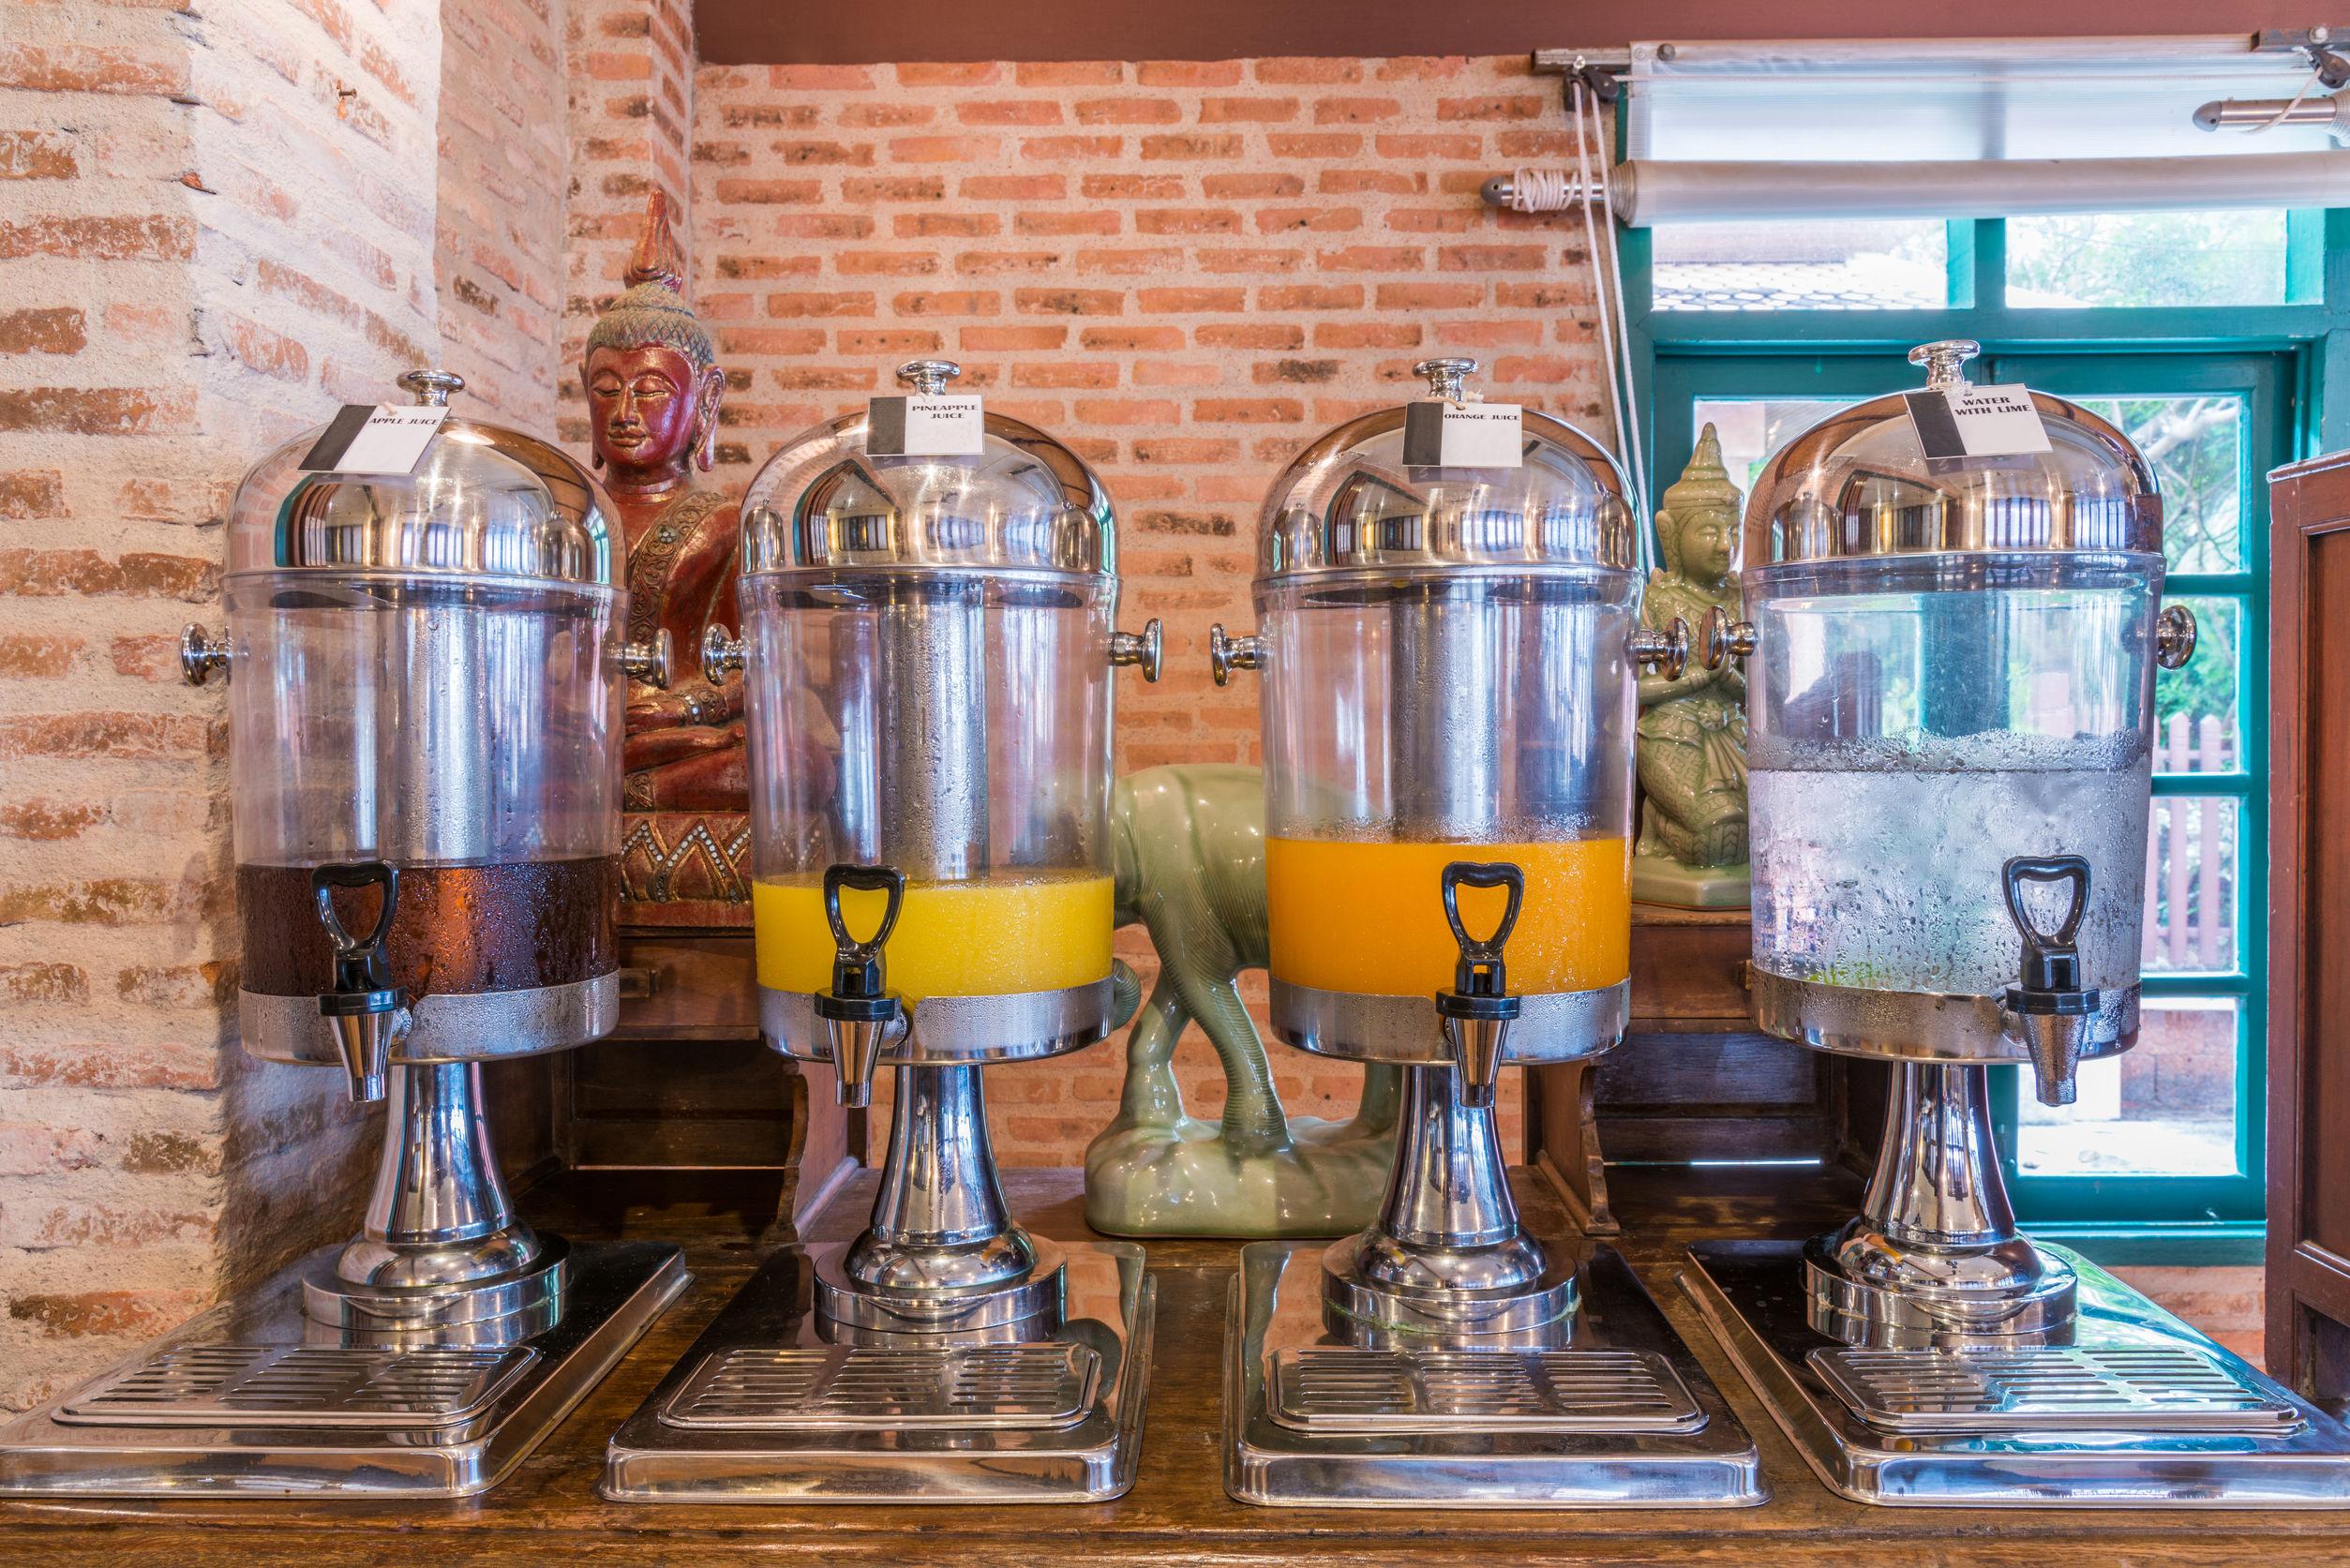 Imagem mostra um conjunto de refresqueiras com sucos de diferentes sabores.